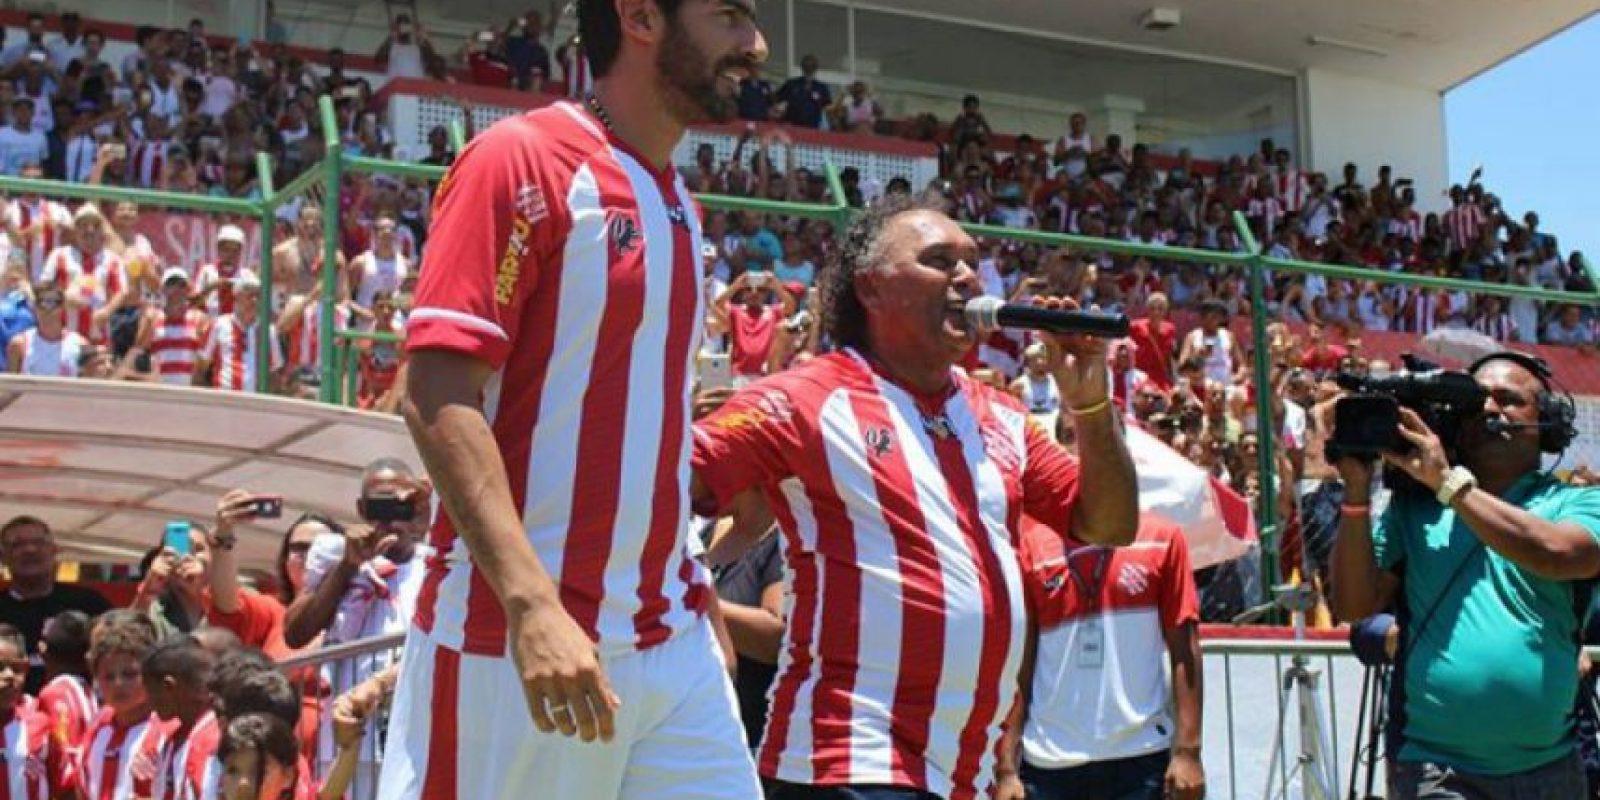 A sus 40 años, el retiro aún no es una posibilidad para el uruguayo Sebastián Abreu. Foto:Bangu